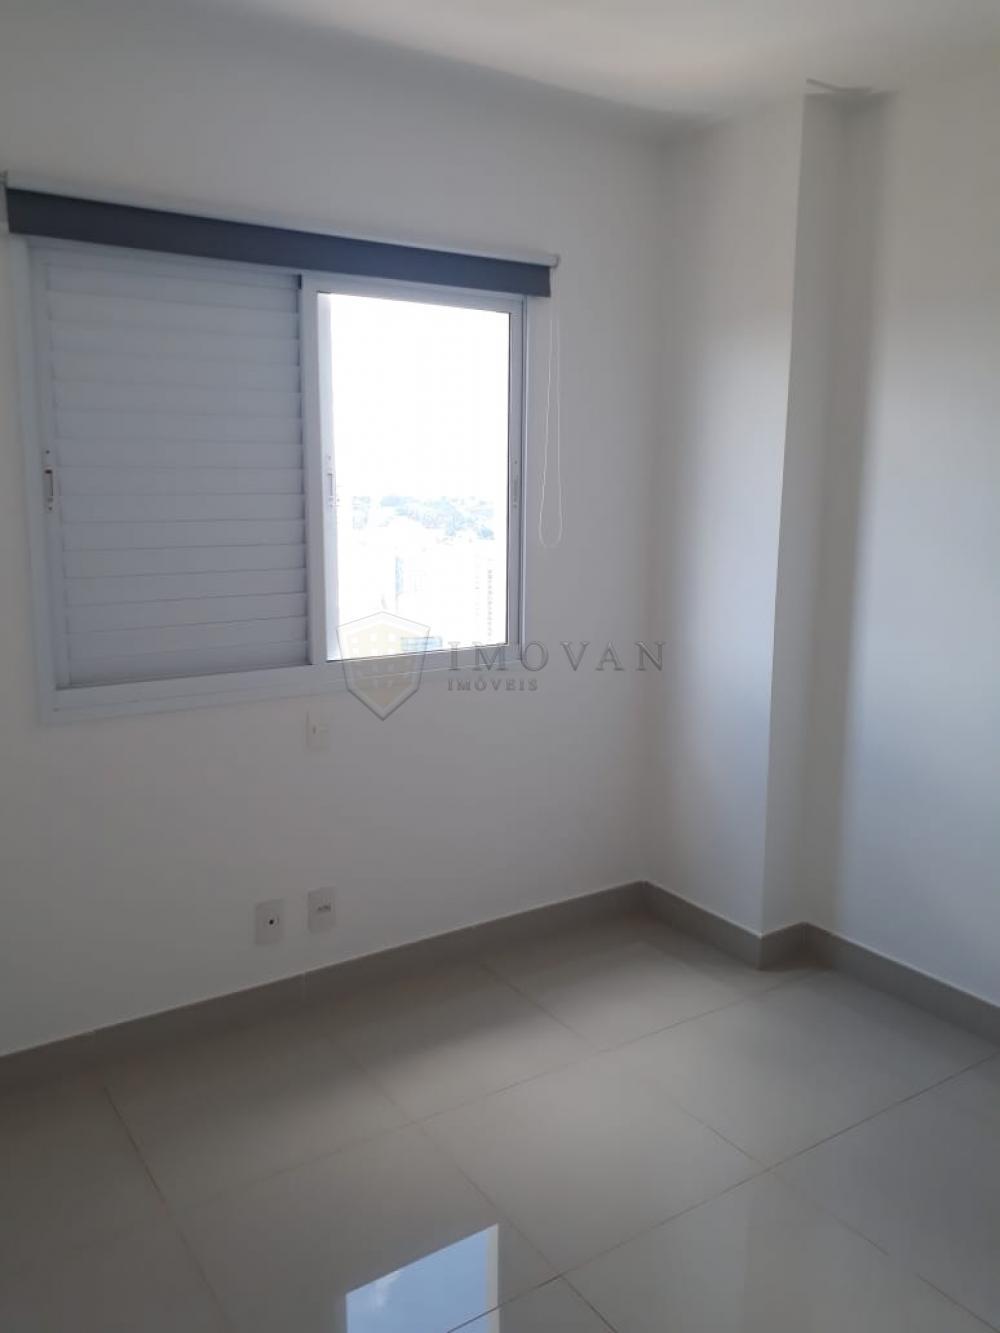 Comprar Apartamento / Duplex em Ribeirão Preto apenas R$ 1.400.000,00 - Foto 20